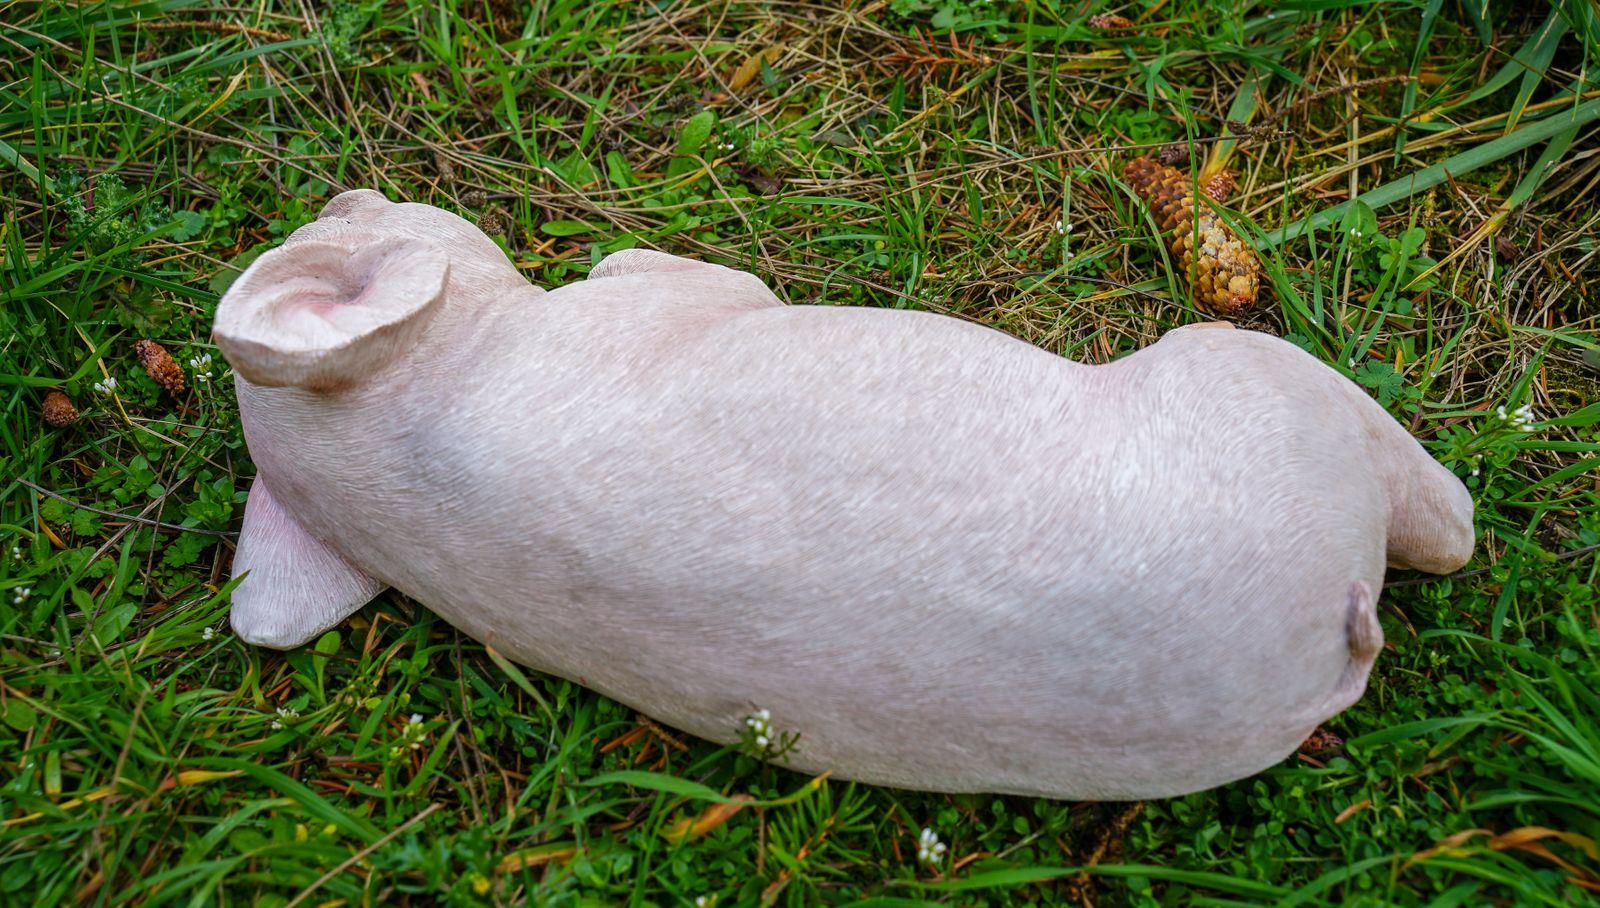 Full Size of Schweinchen Schlafend Glcksschwein Schwein Gartenfigur Garten Fußballtor Sonnenschutz Beistelltisch Relaxsessel Spielgerät Feuerstelle Loungemöbel Holz Wohnzimmer Skulptur Garten